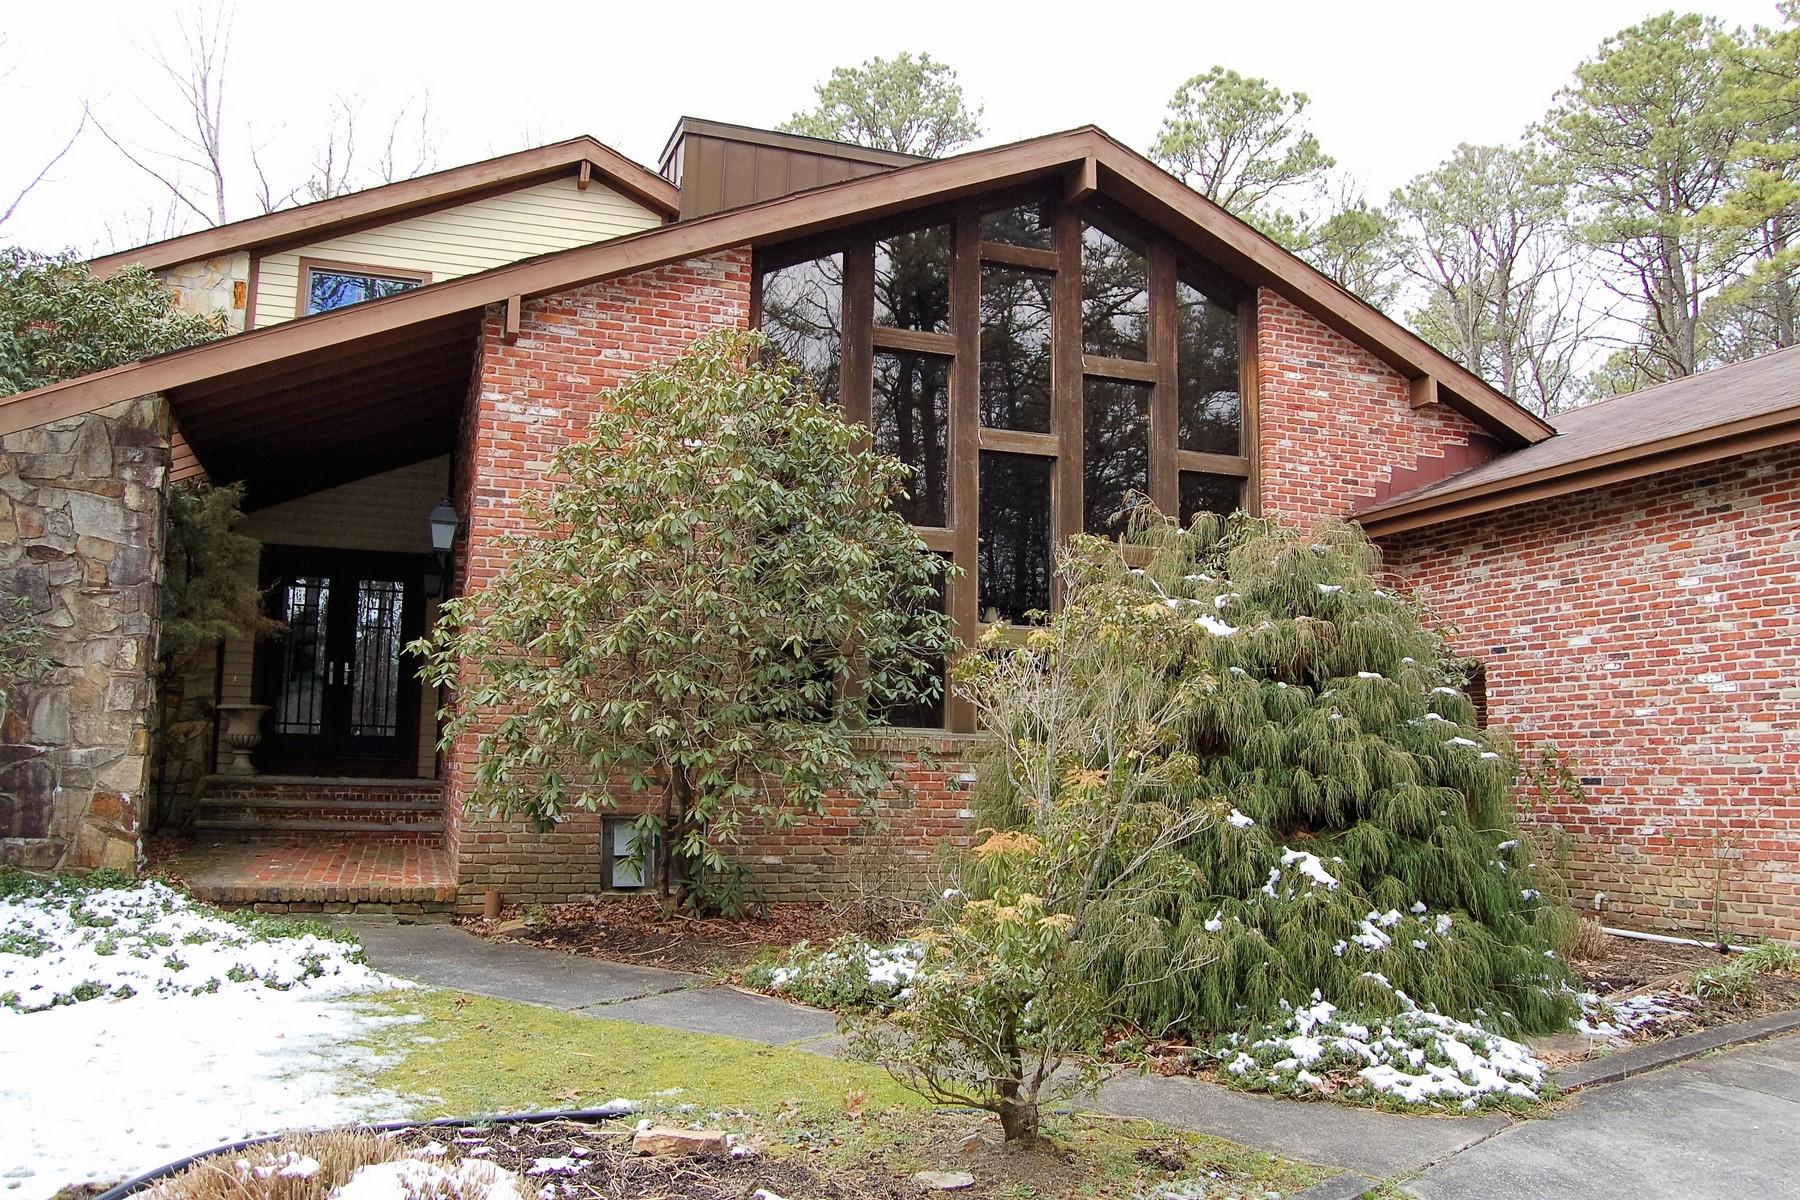 Casa Unifamiliar por un Venta en Custom Home in a Private Setting 113 E Great Creek Road Galloway, Nueva Jersey 08205 Estados Unidos